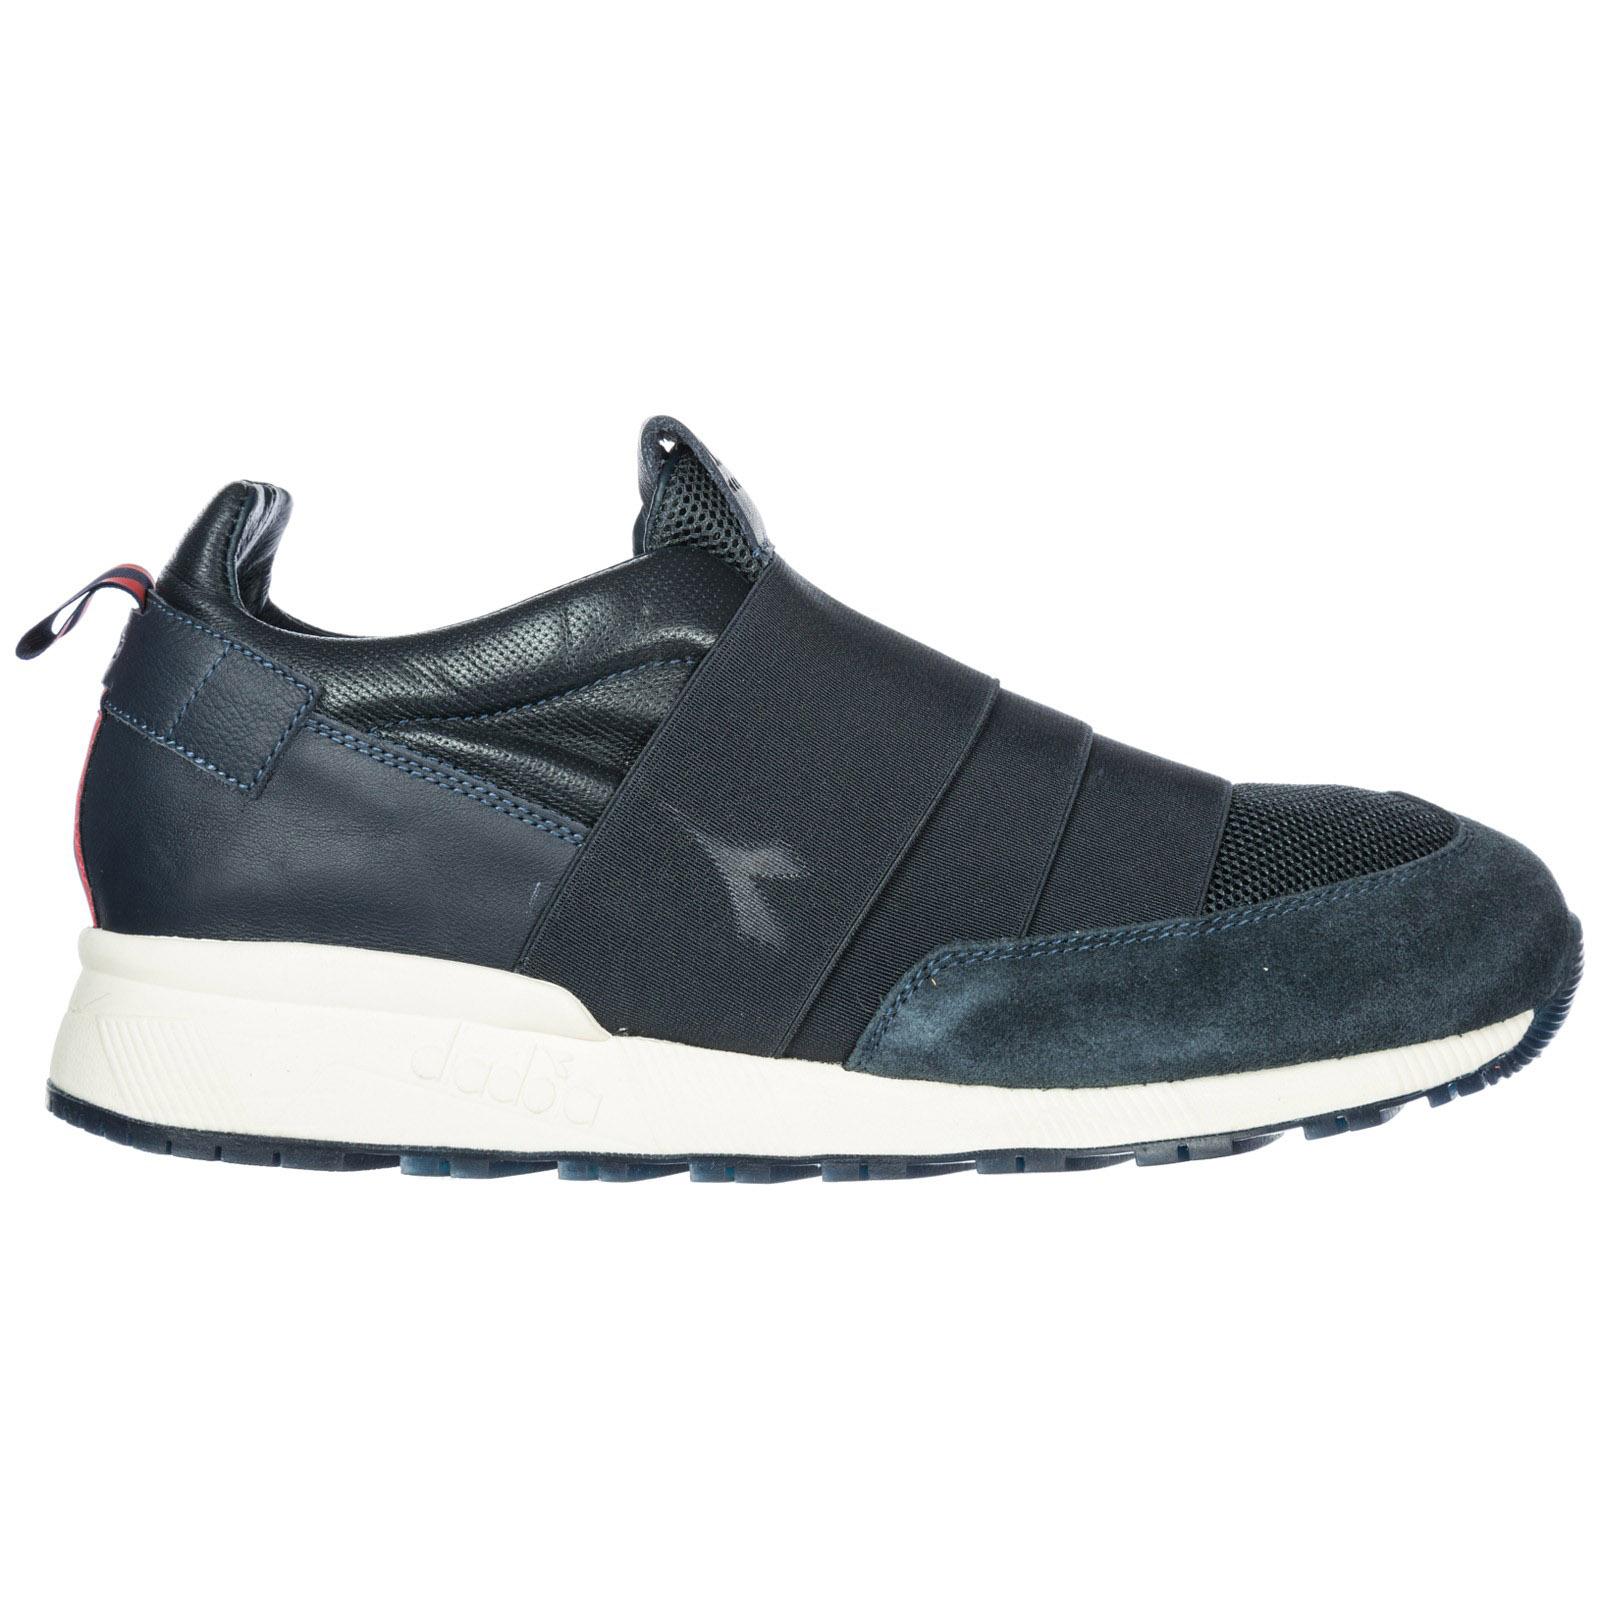 Slip on uomo in pelle sneakers n9000 h